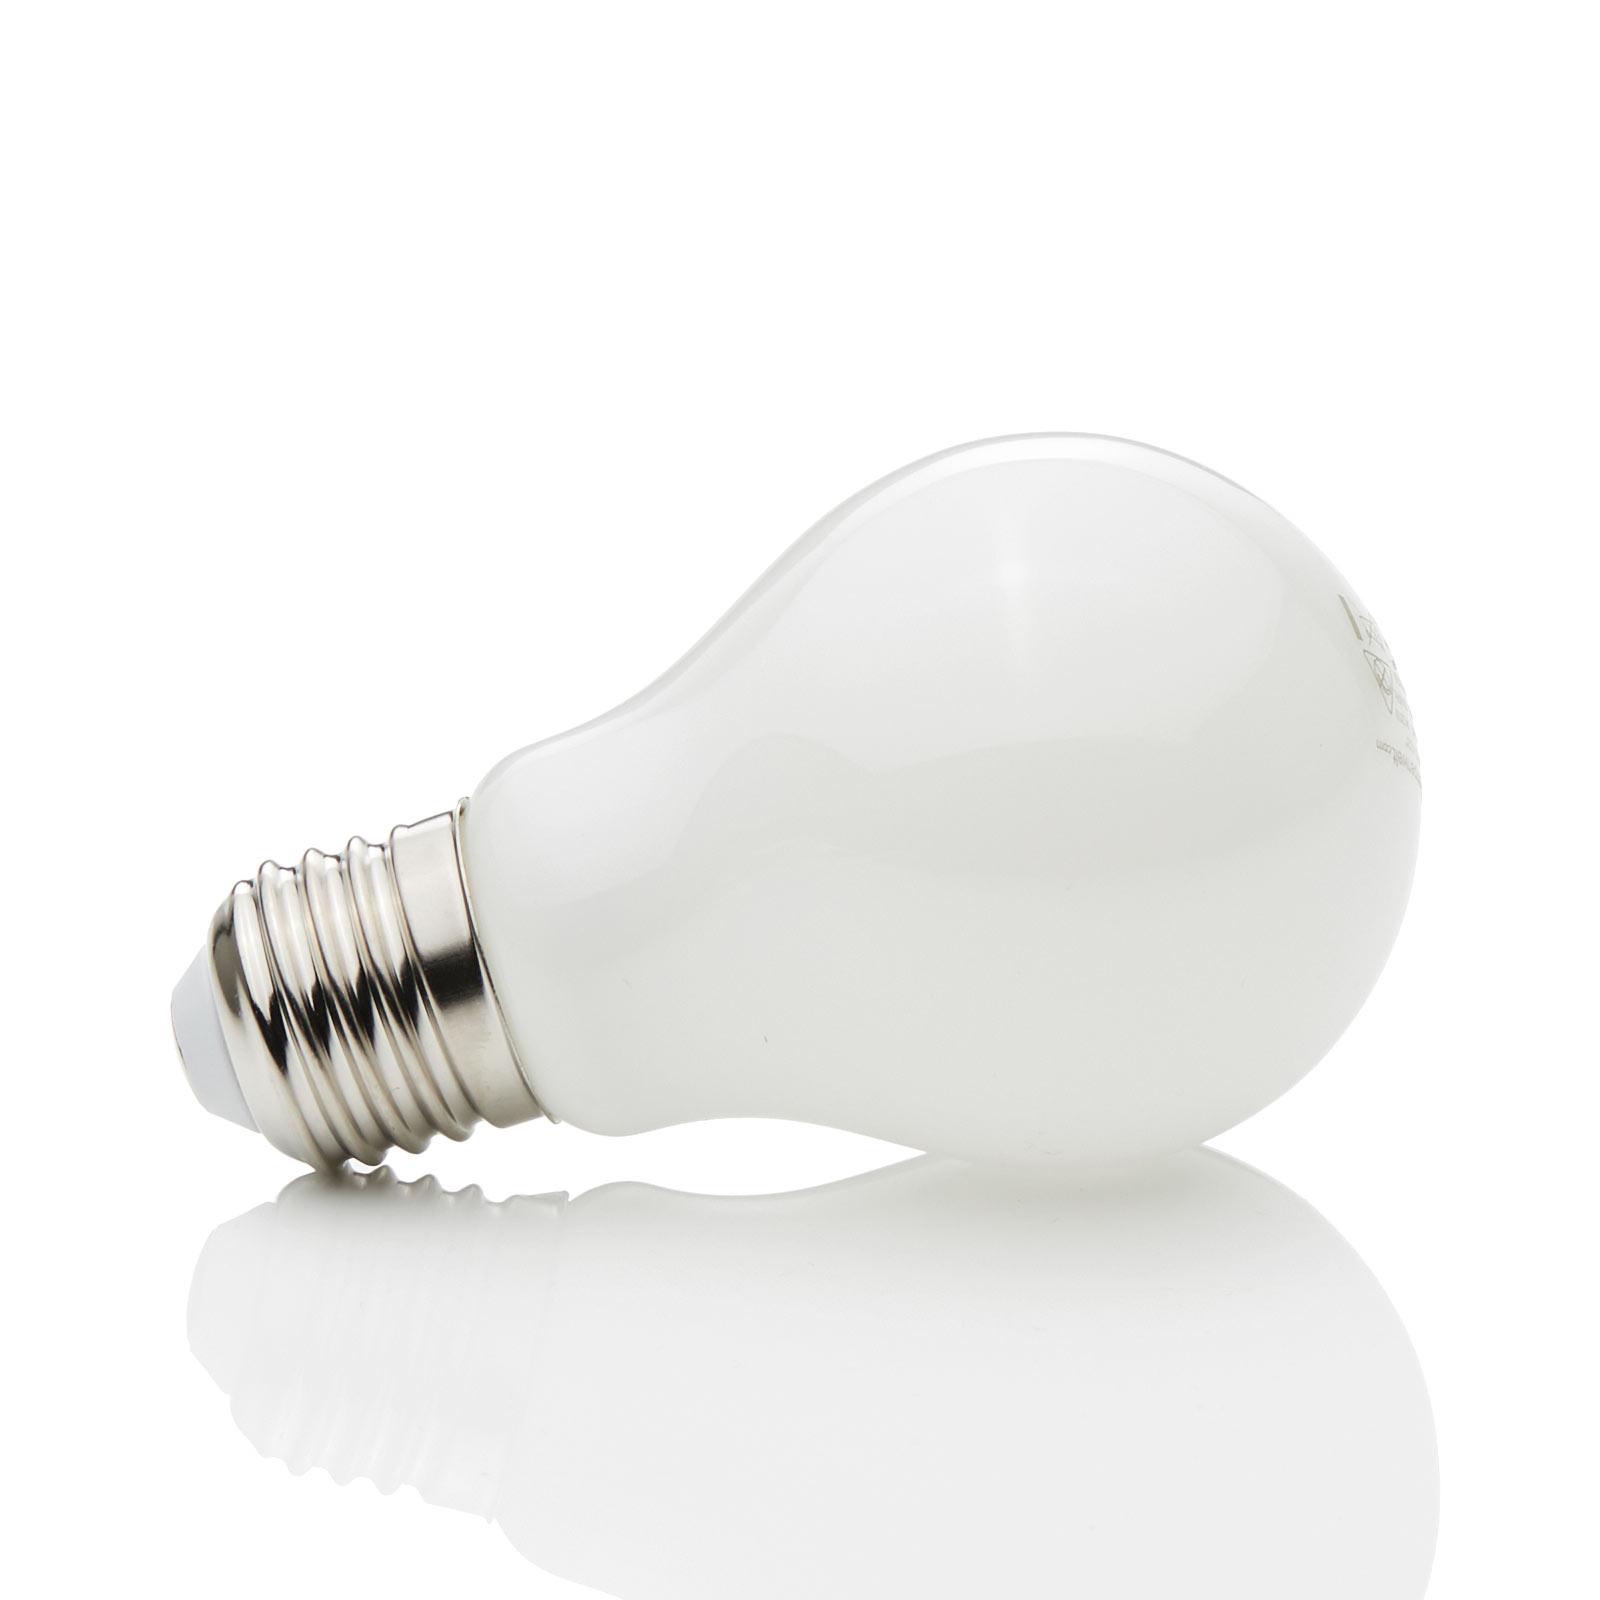 E27 ampoule LED 4W, 470lm, 2700K, opale